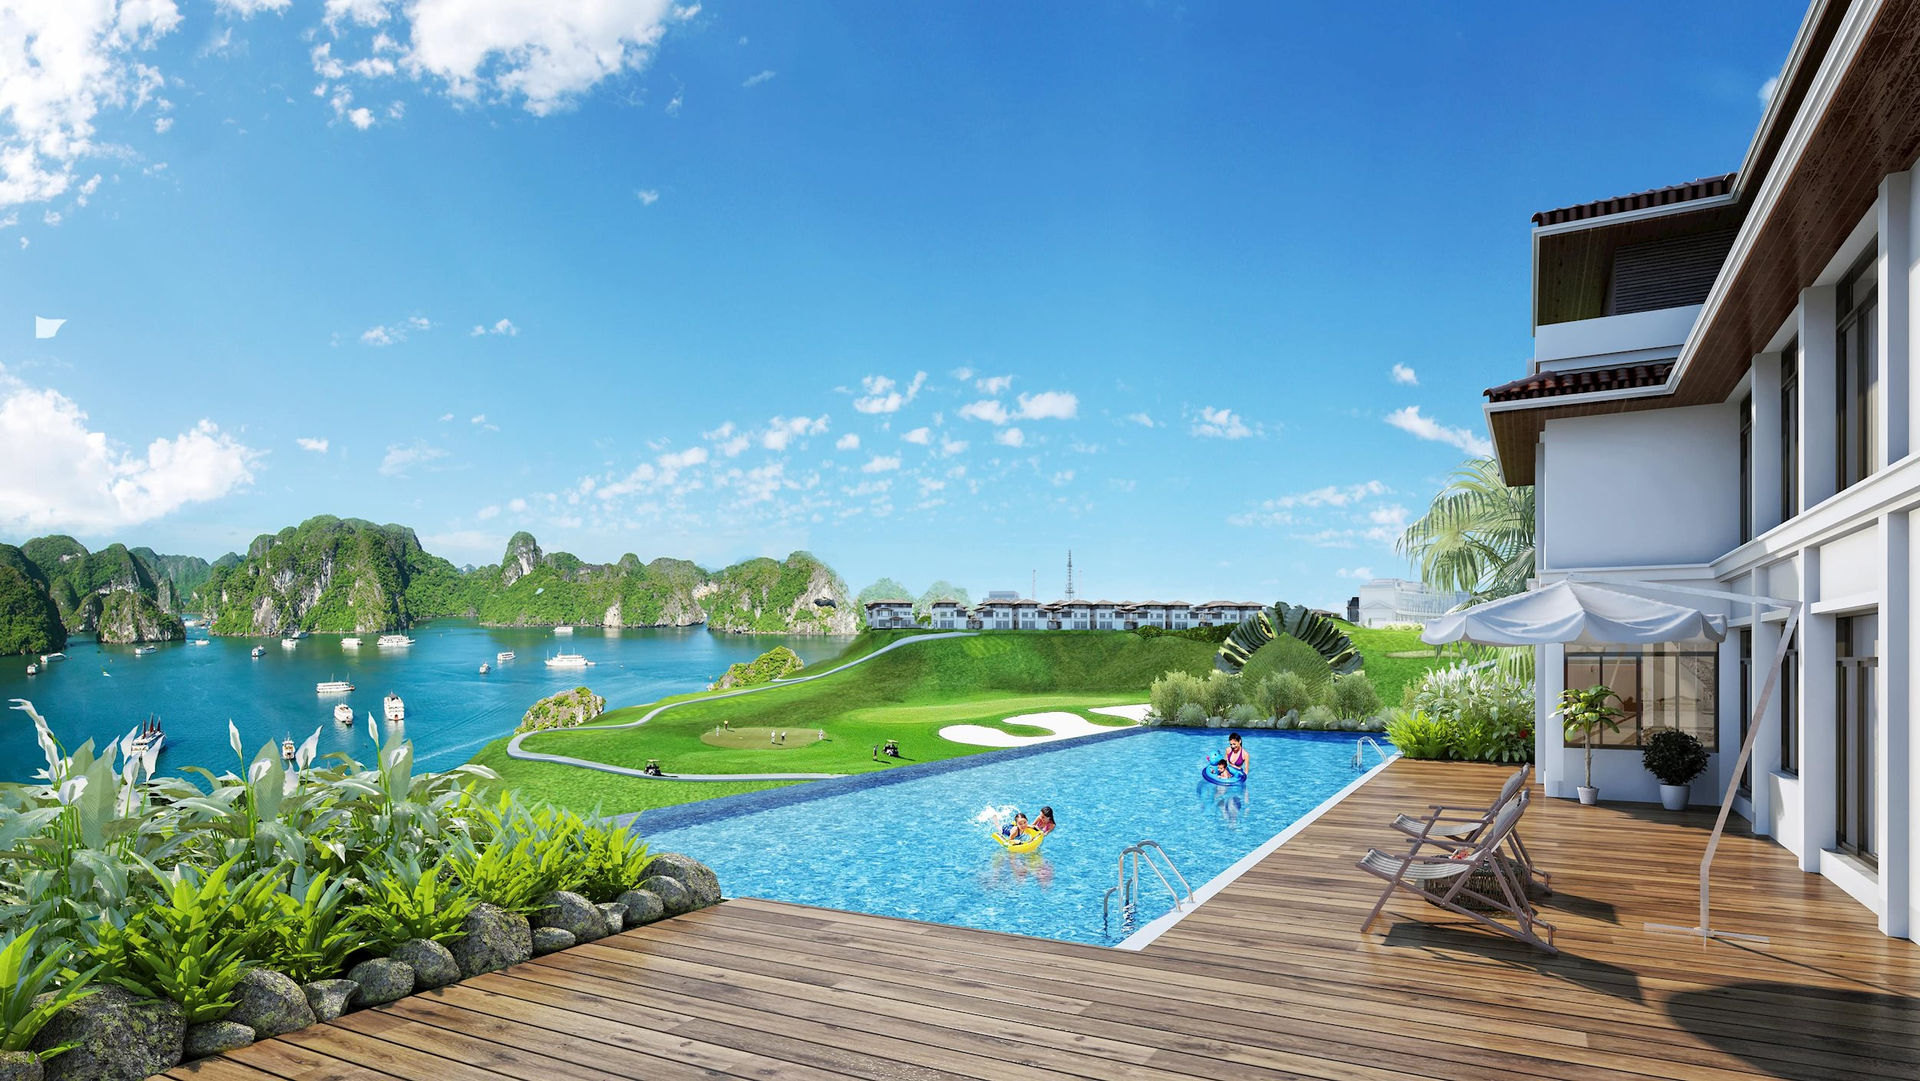 Hình ảnh: 'Nghỉ dưỡng tại gia' lên ngôi, villa biển Hạ Long vào tầm ngắm nhà đầu tư số 2